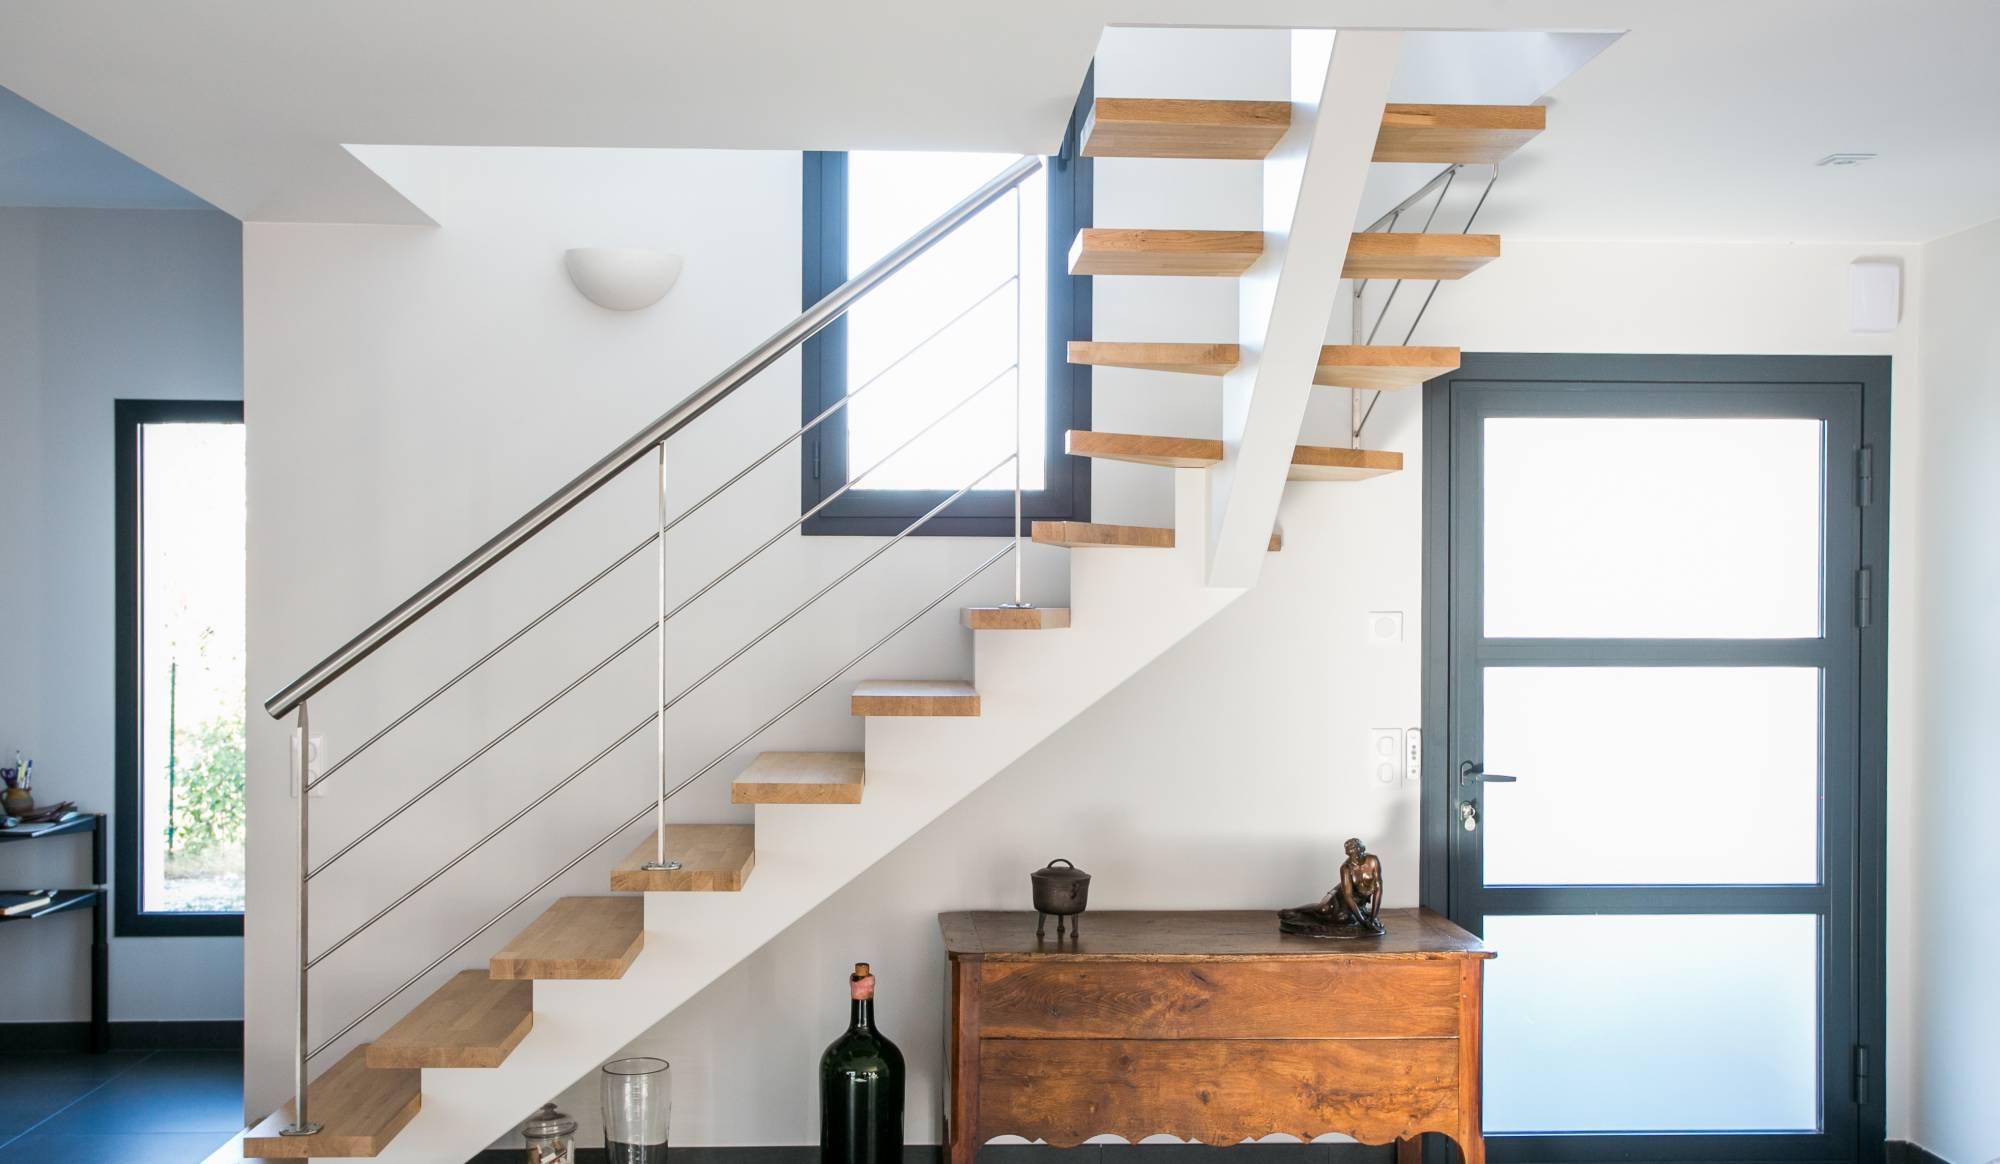 echelle mezzanine h lico dale vente d 39 escalier en kit. Black Bedroom Furniture Sets. Home Design Ideas